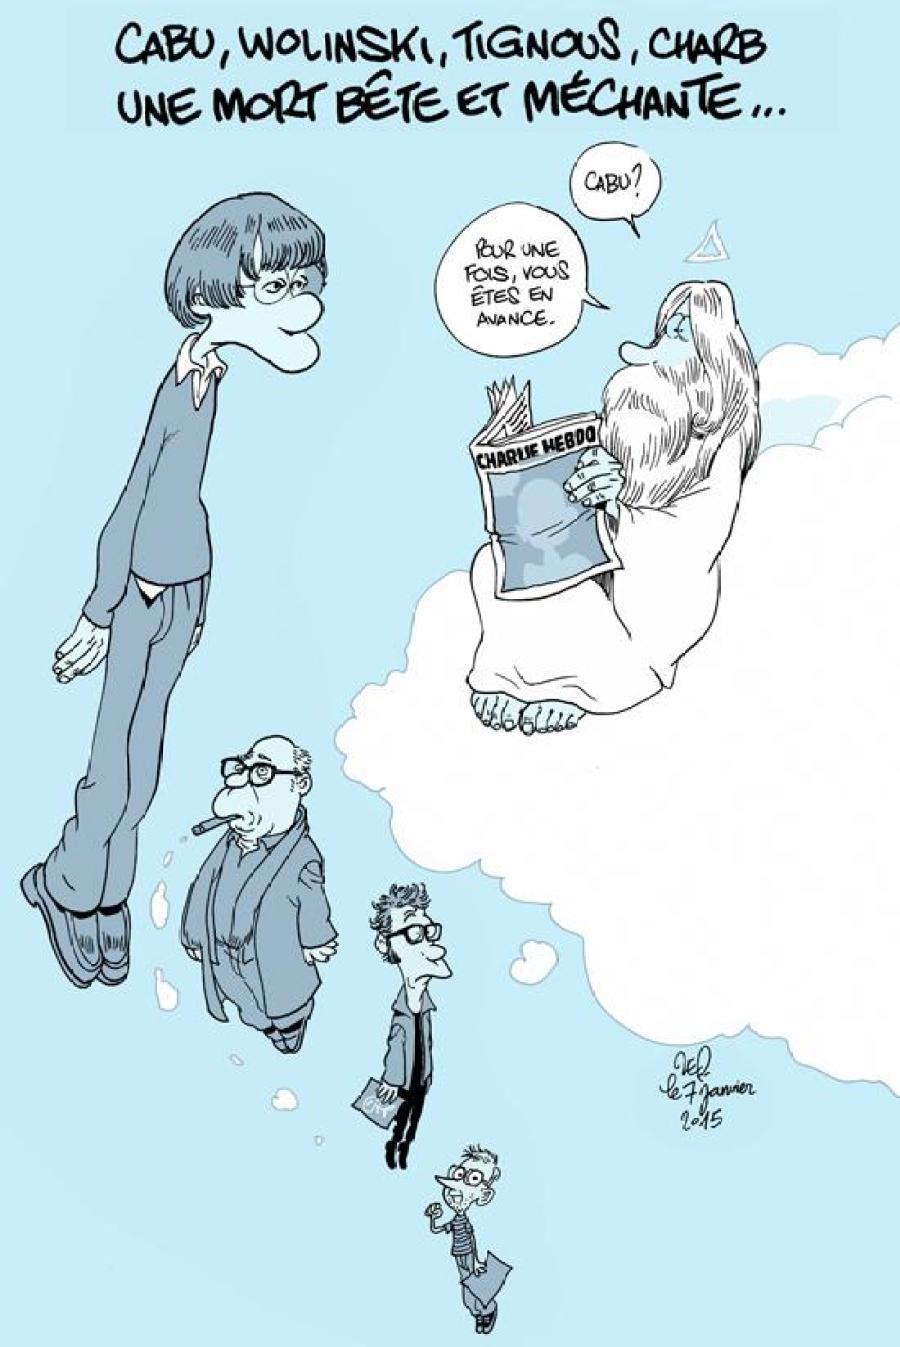 Charlie_Hebdo_designplayground-15